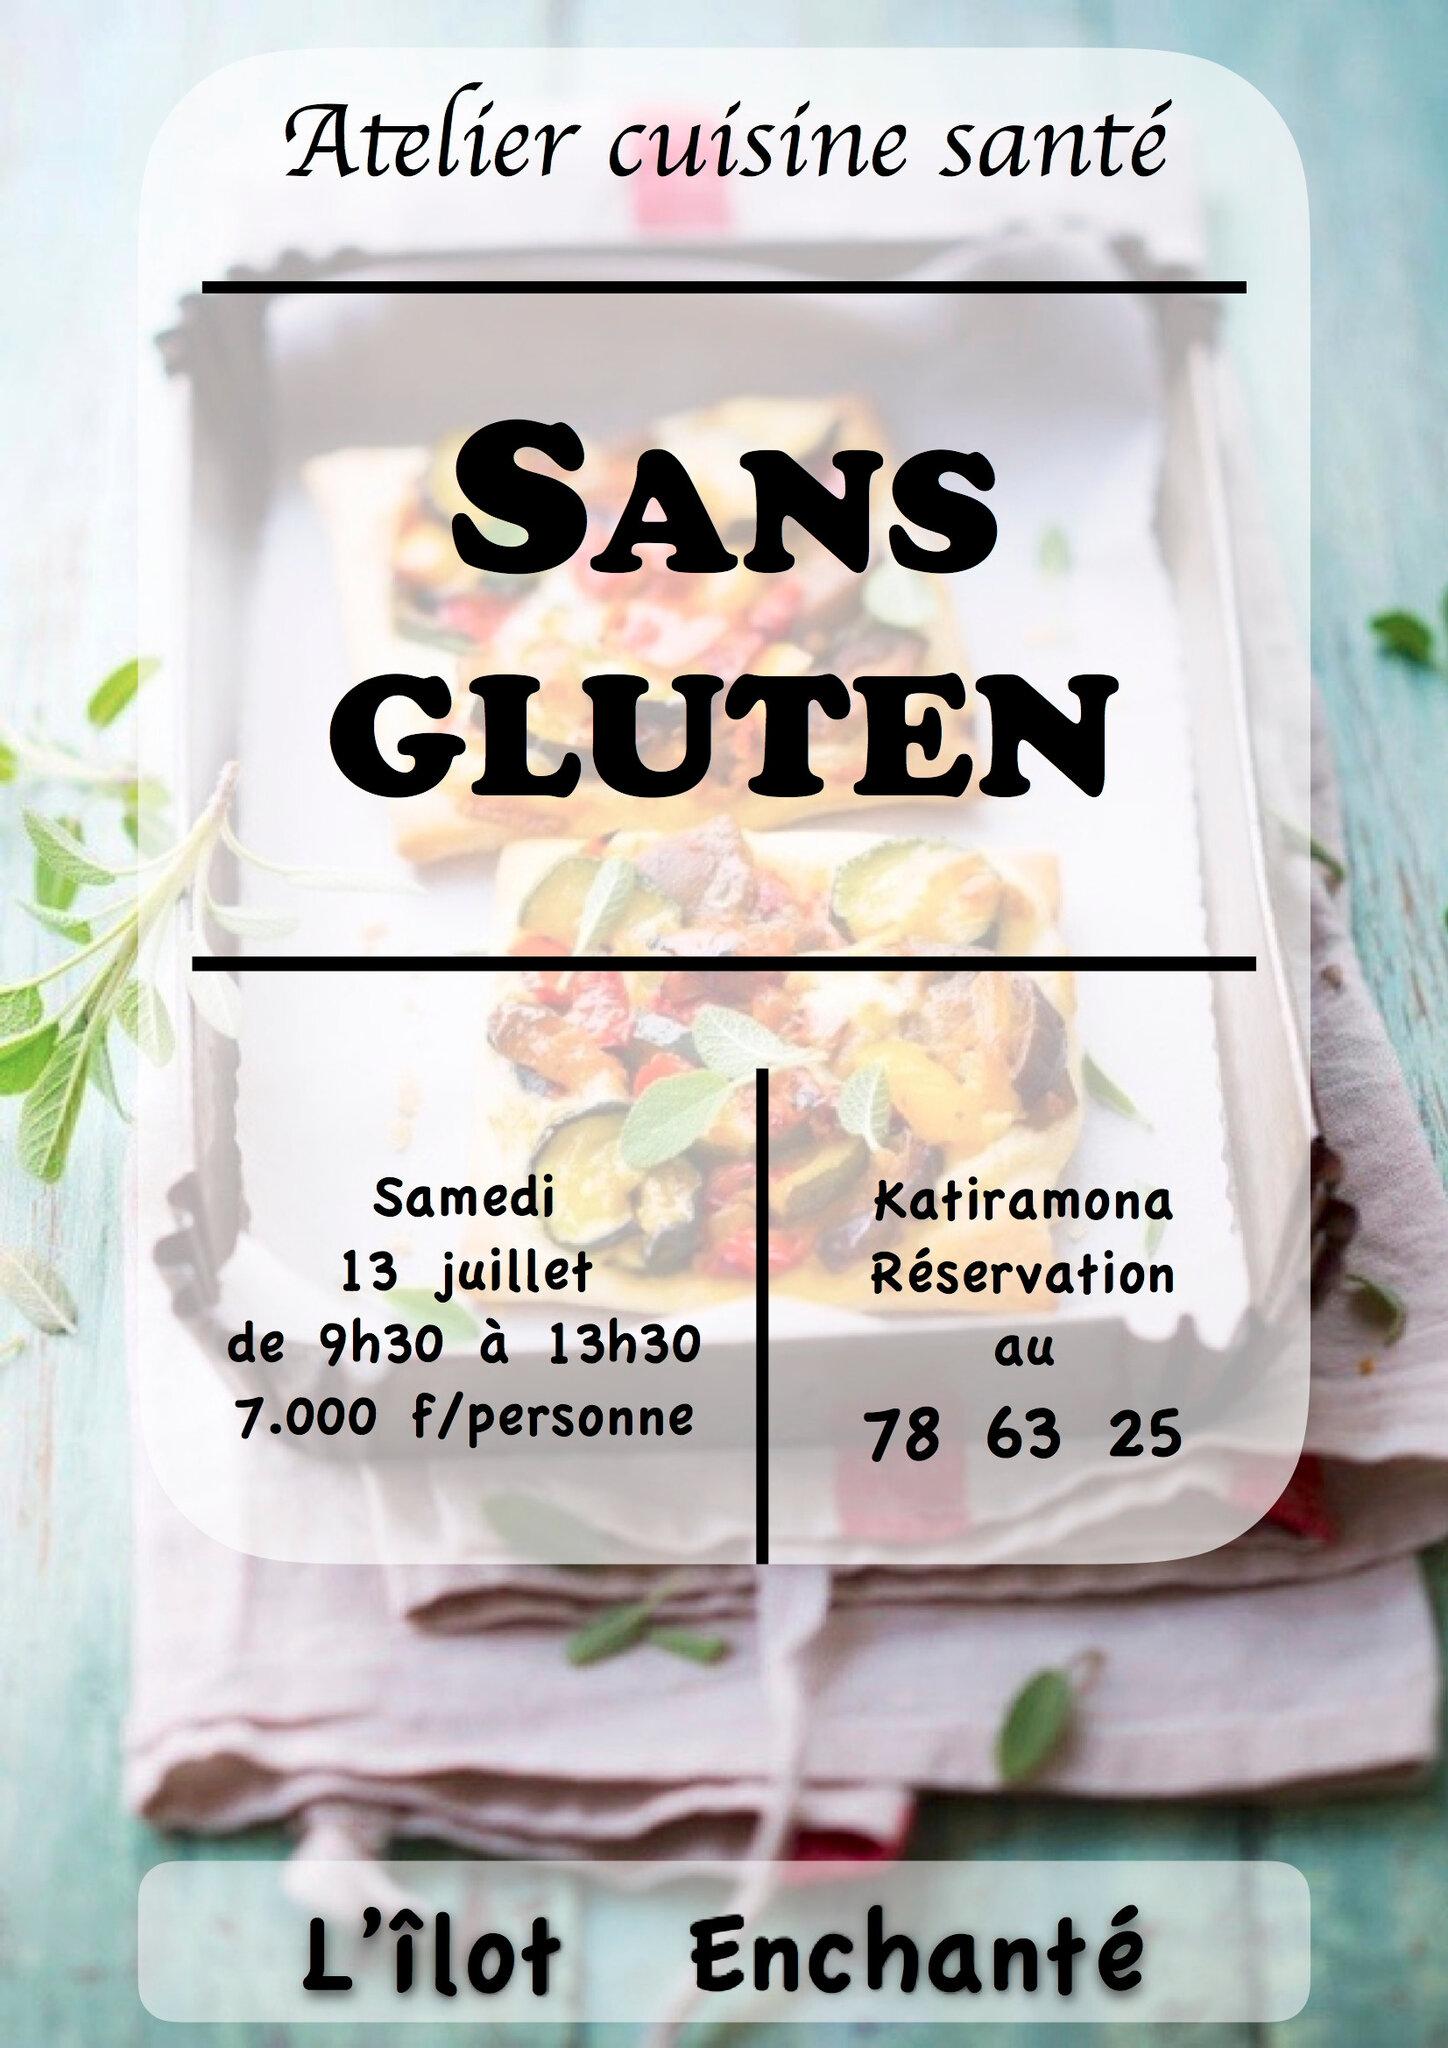 Le gluten, comment et pourquoi?